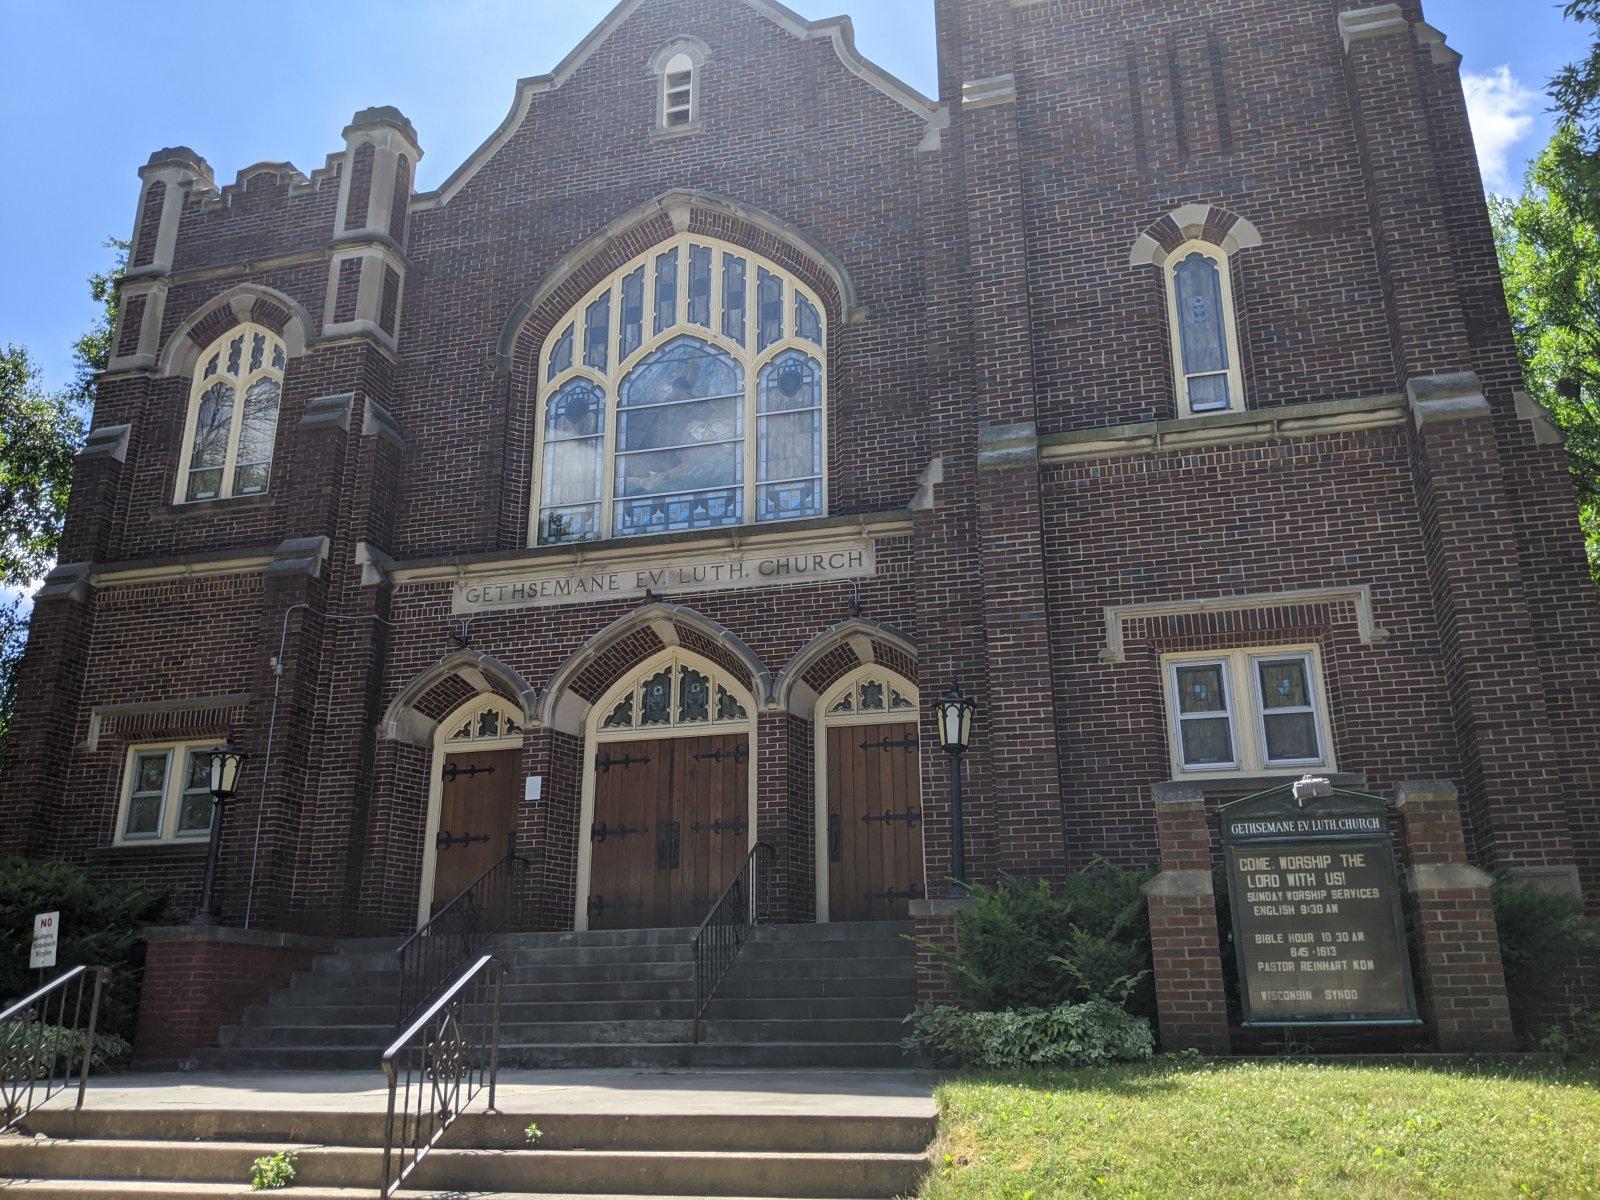 Gethsemane Ev Lutheran Church, 2827 W. Harrison Ave.